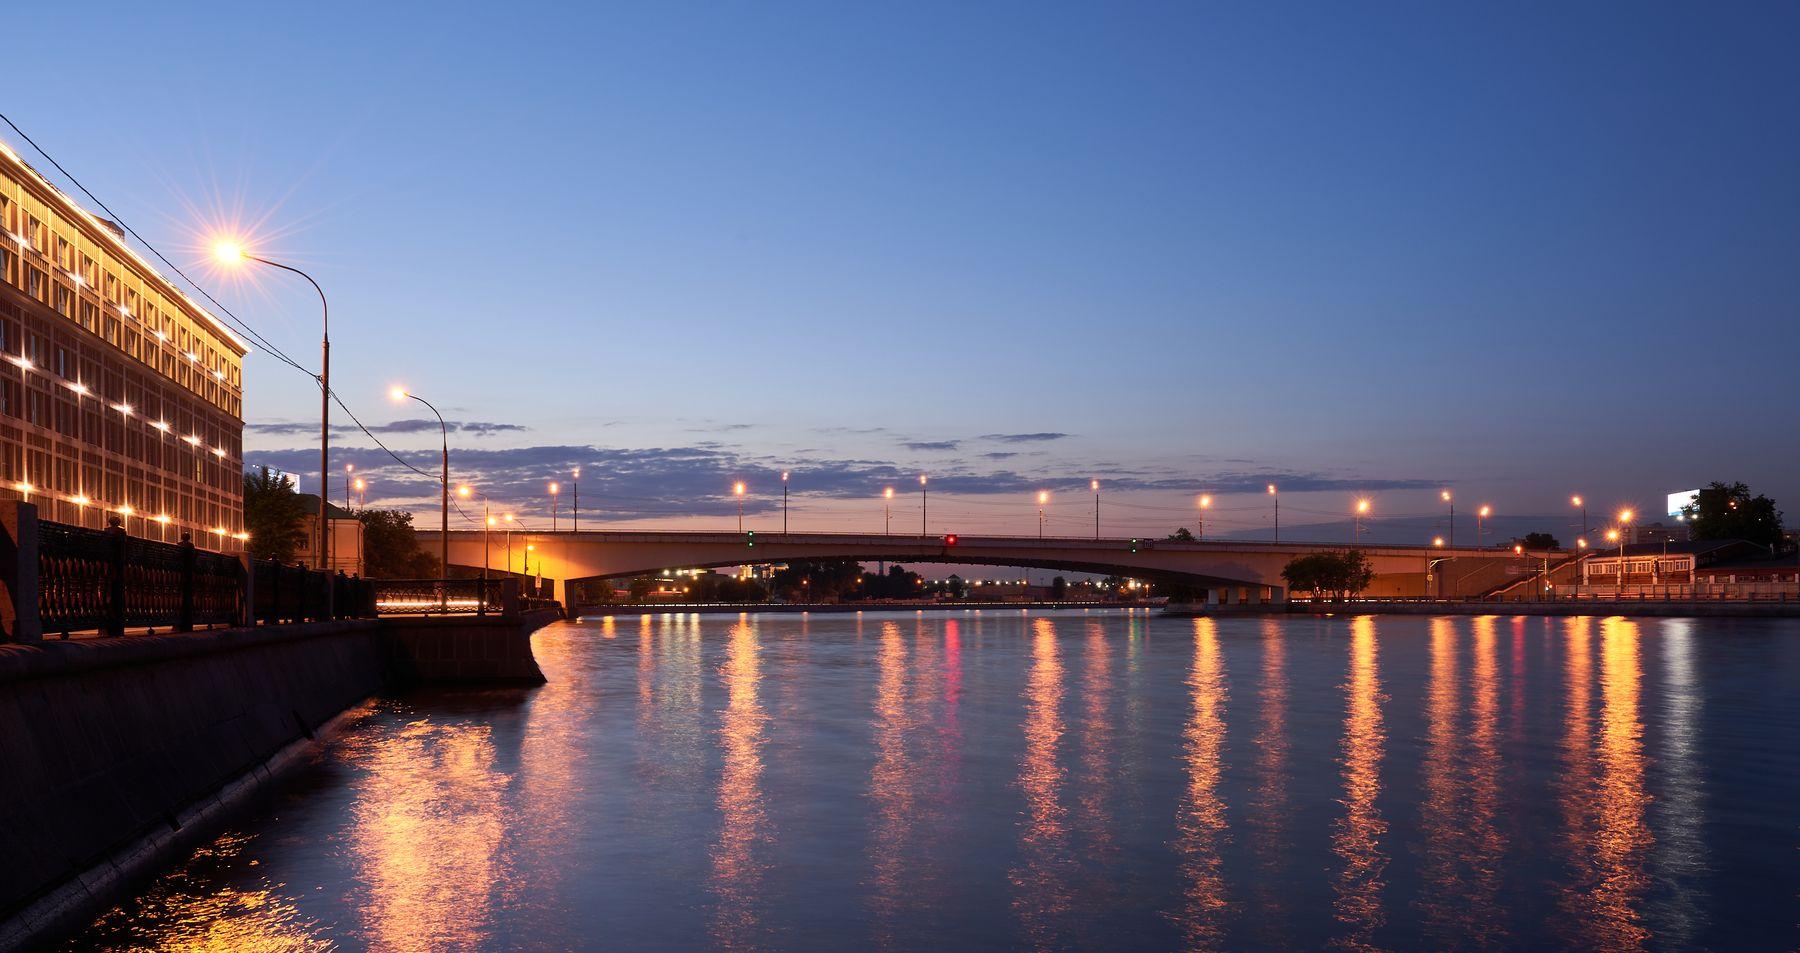 Автозаводский мост Москва мост Автозаводский река